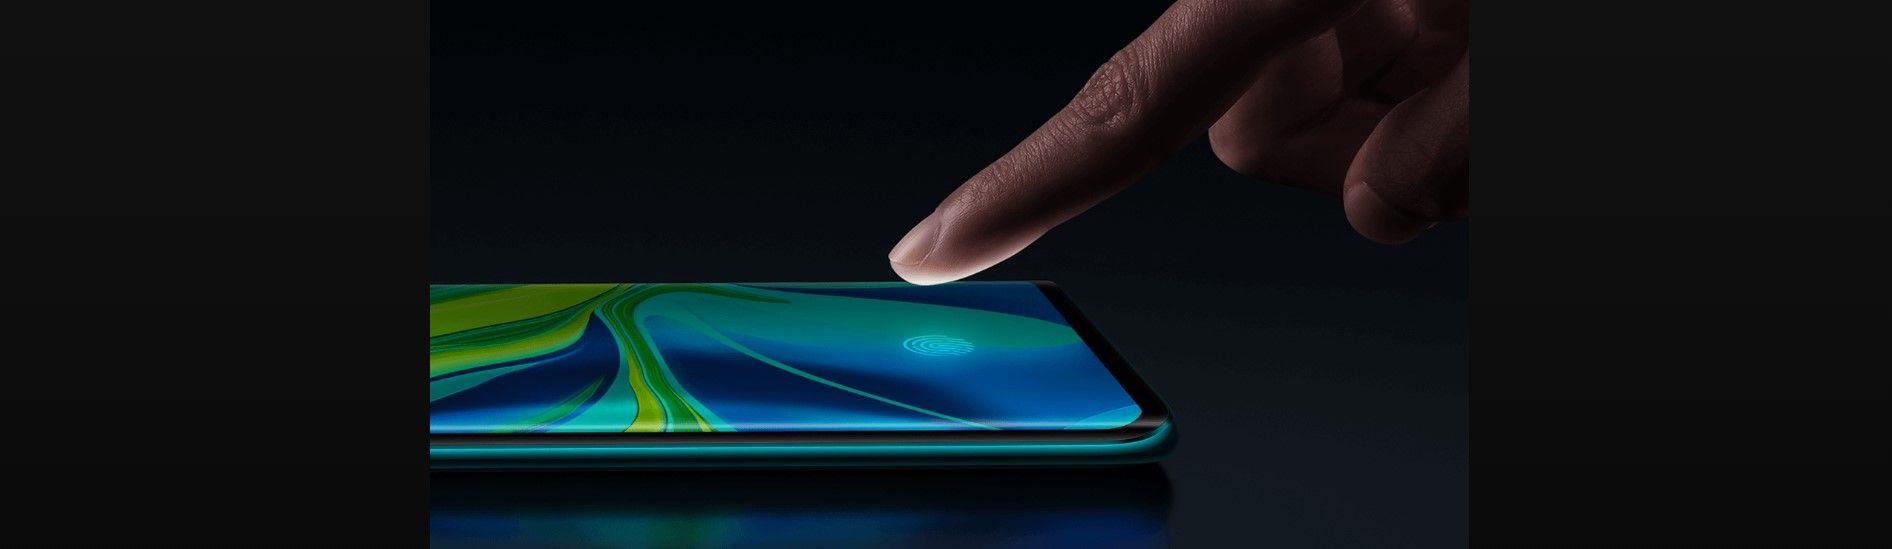 Xiaomi Mi Note 10 сканер отпечатка пальца на дисплее